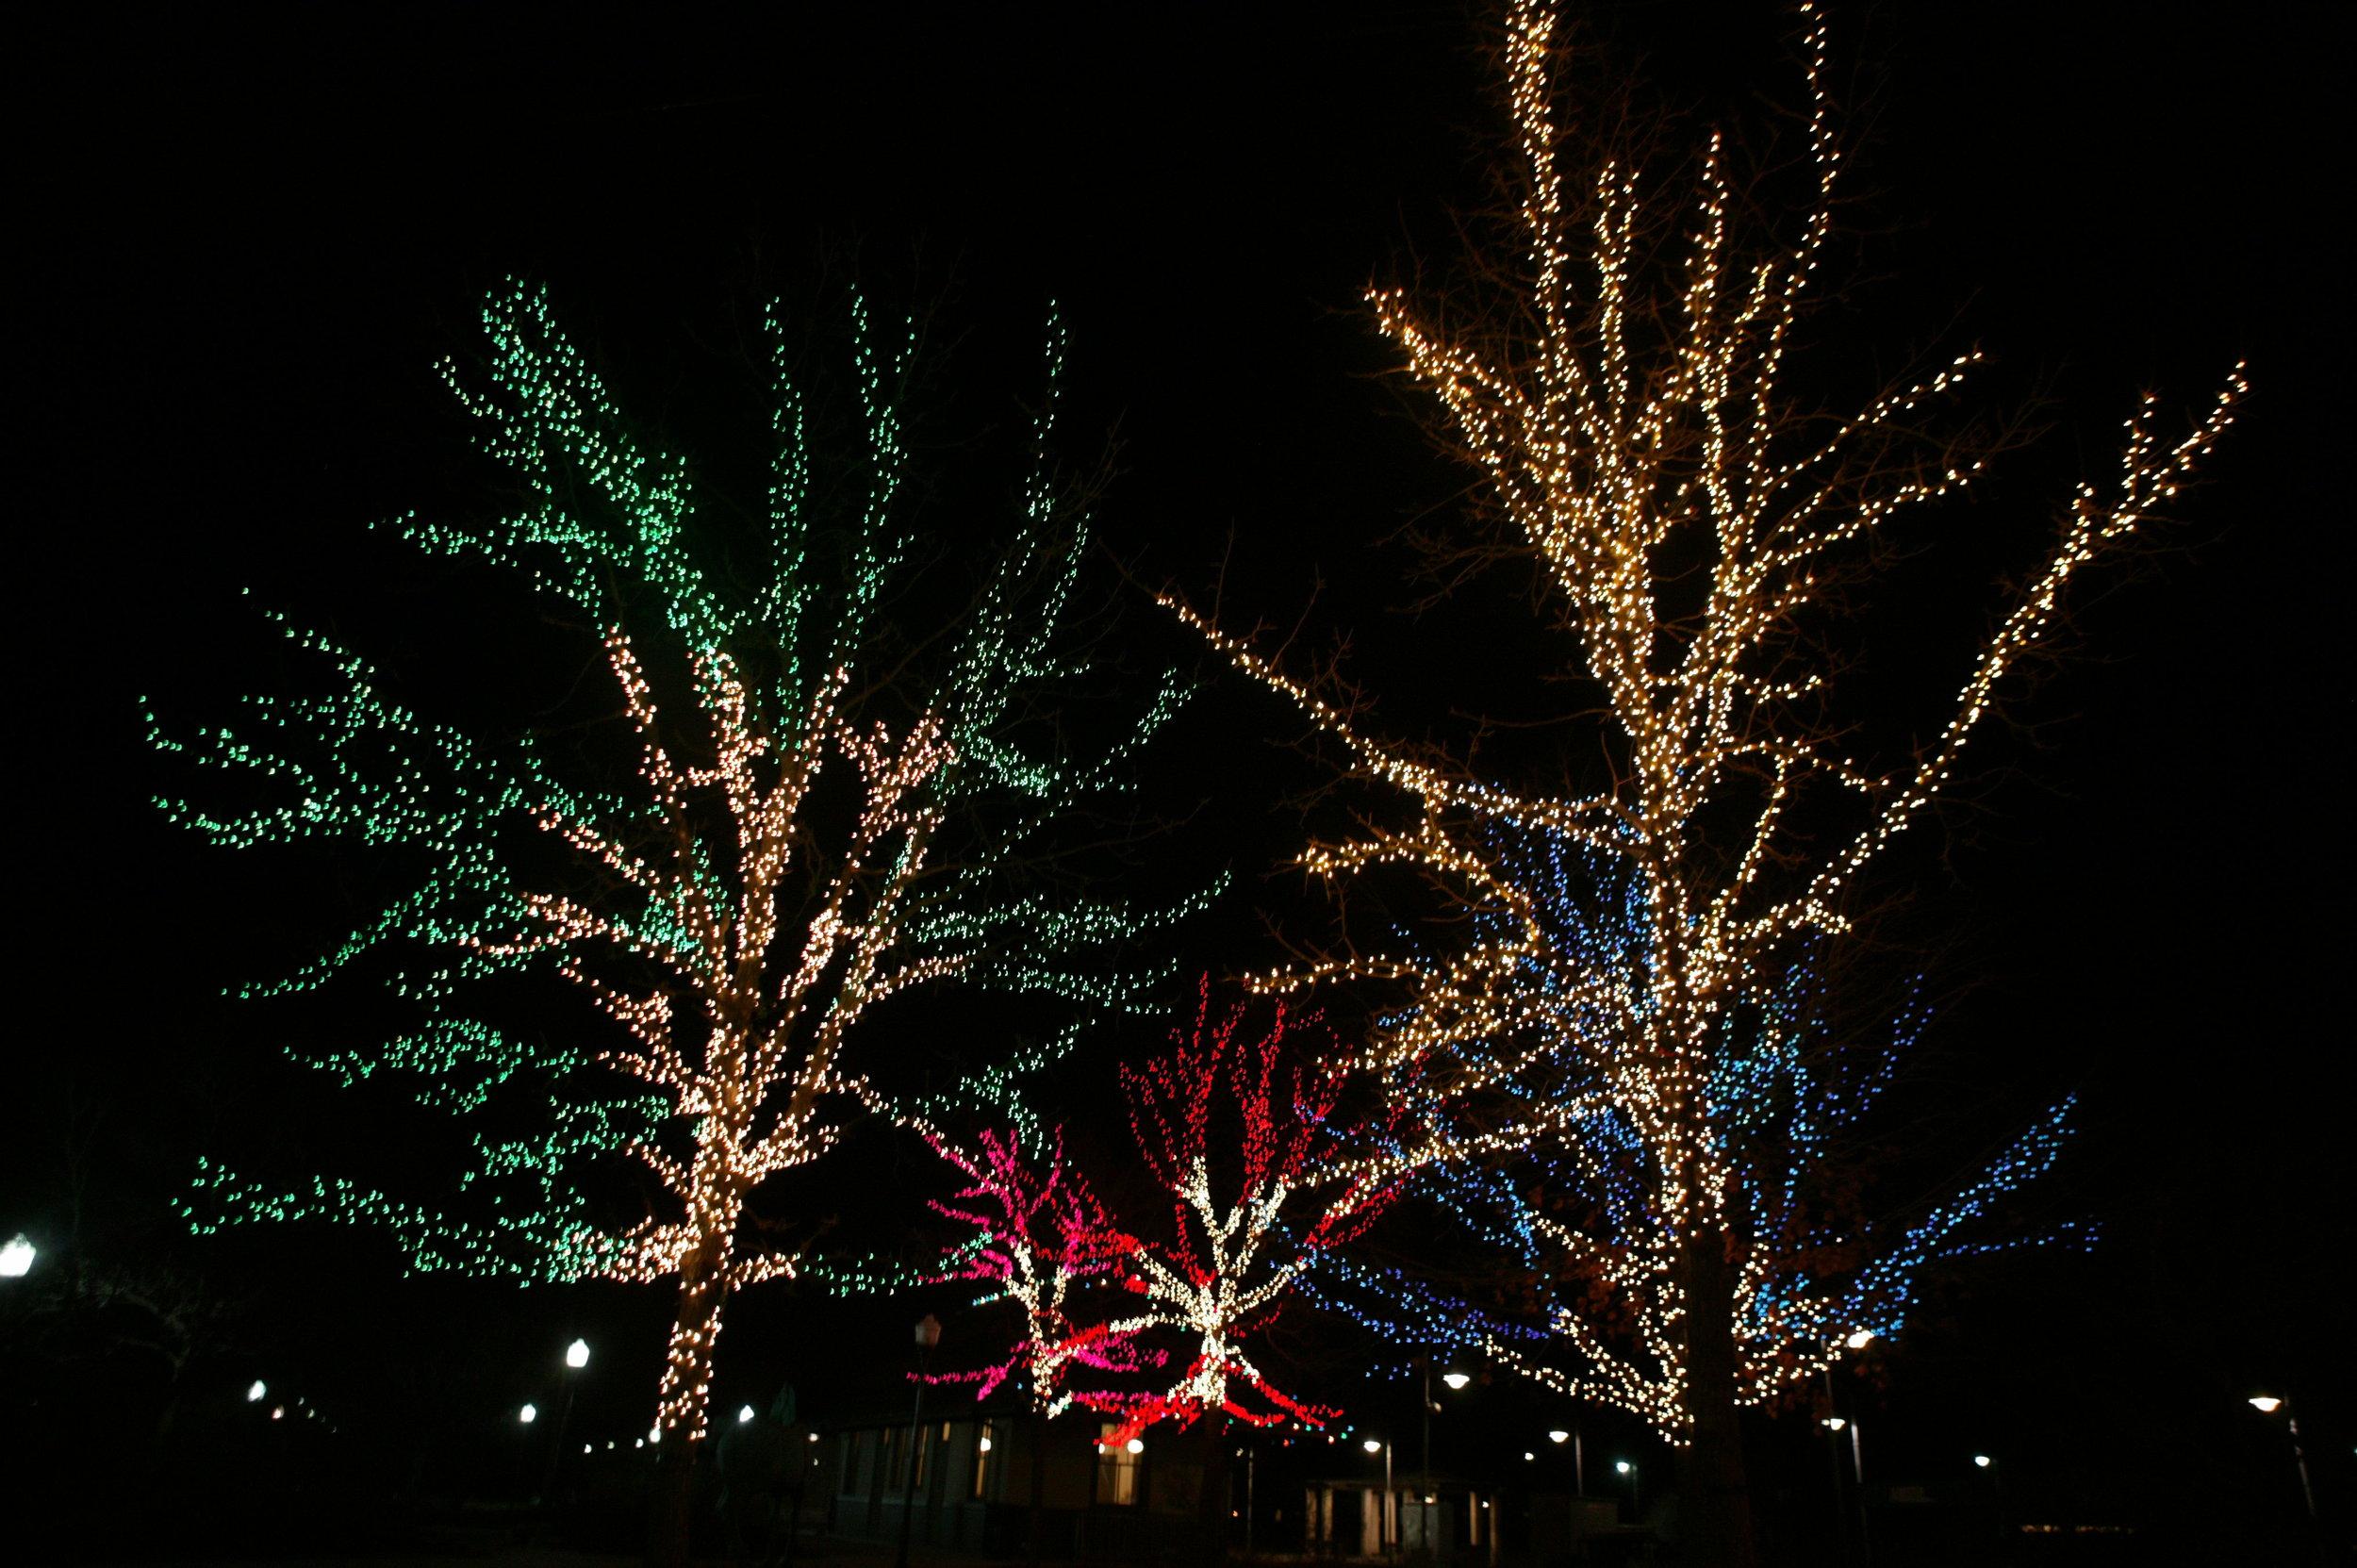 Outdoor Holiday Tree Lights